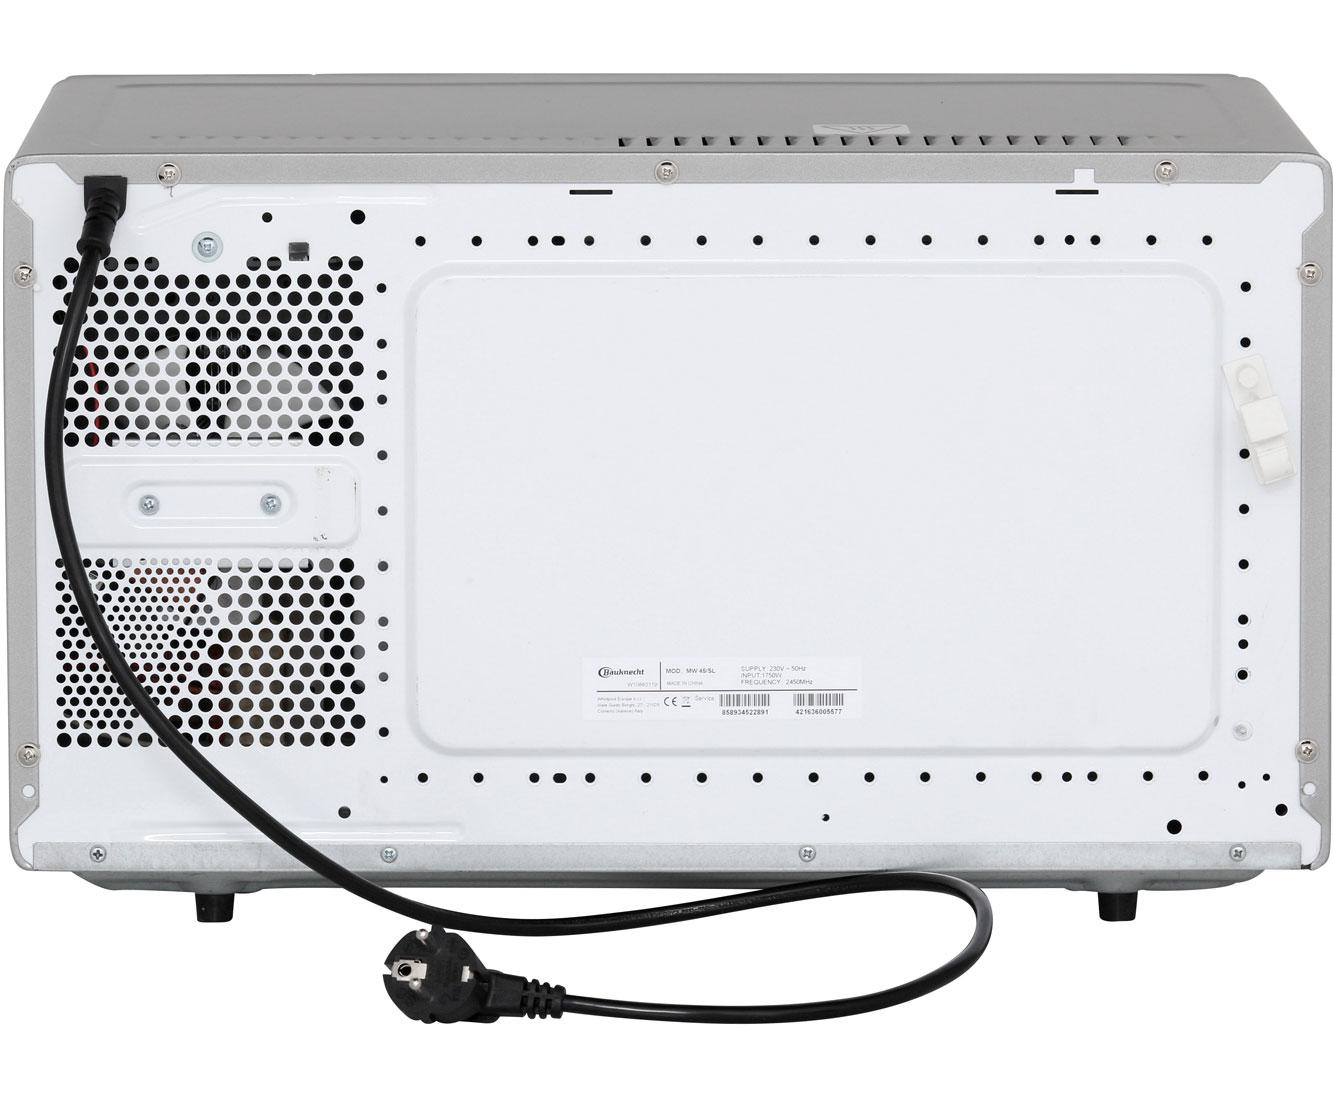 Bauknecht MW 45 SL Mikrowelle Freistehend Silber Neu